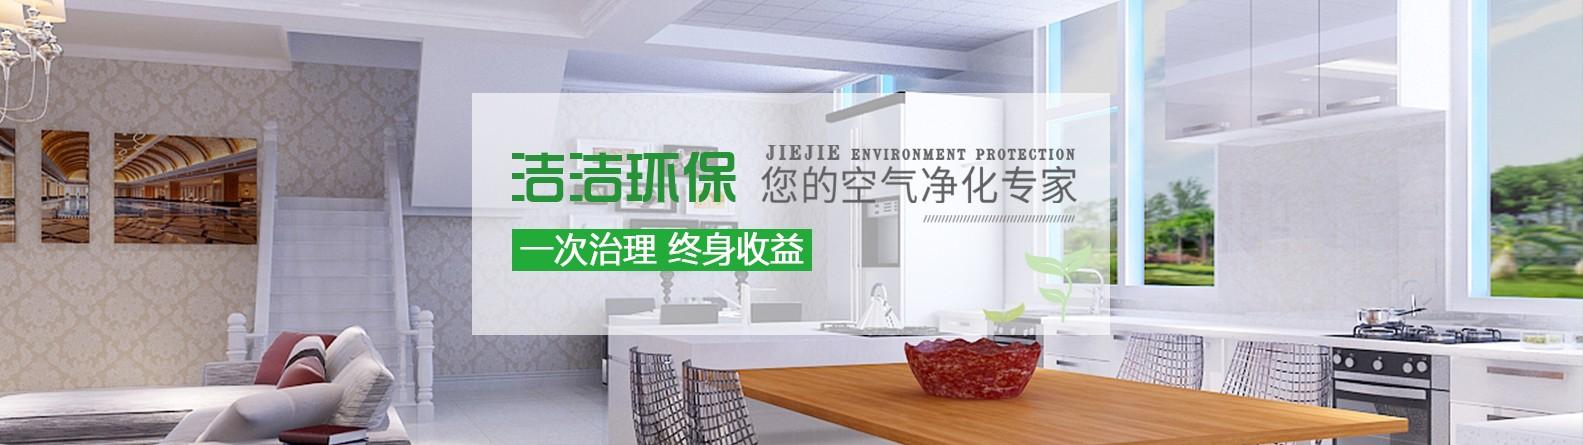 沈阳洁洁环保科技有限公司